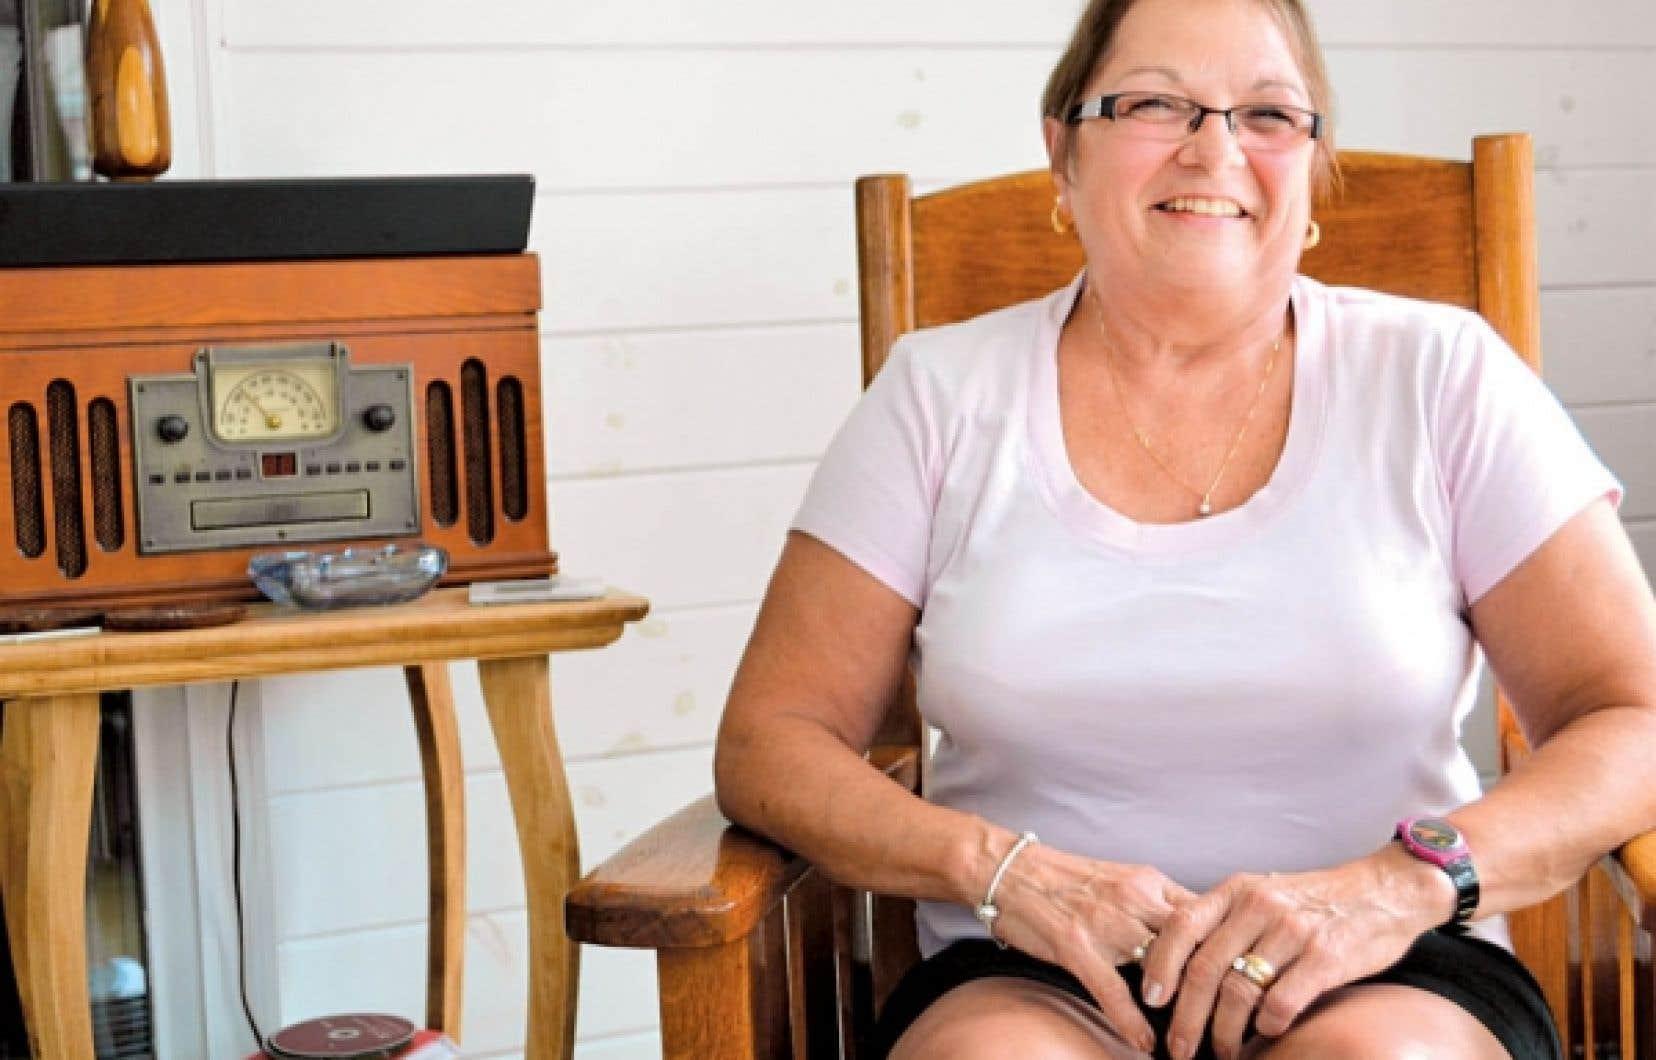 Carmen Bombardier est la fille du violonneux Louis Beaudoin. Elle vit toujours à Burlington, tout près du quartier Lakeside, où vivait une importante communauté francophone travaillant à l'usine de coton voisine<br />